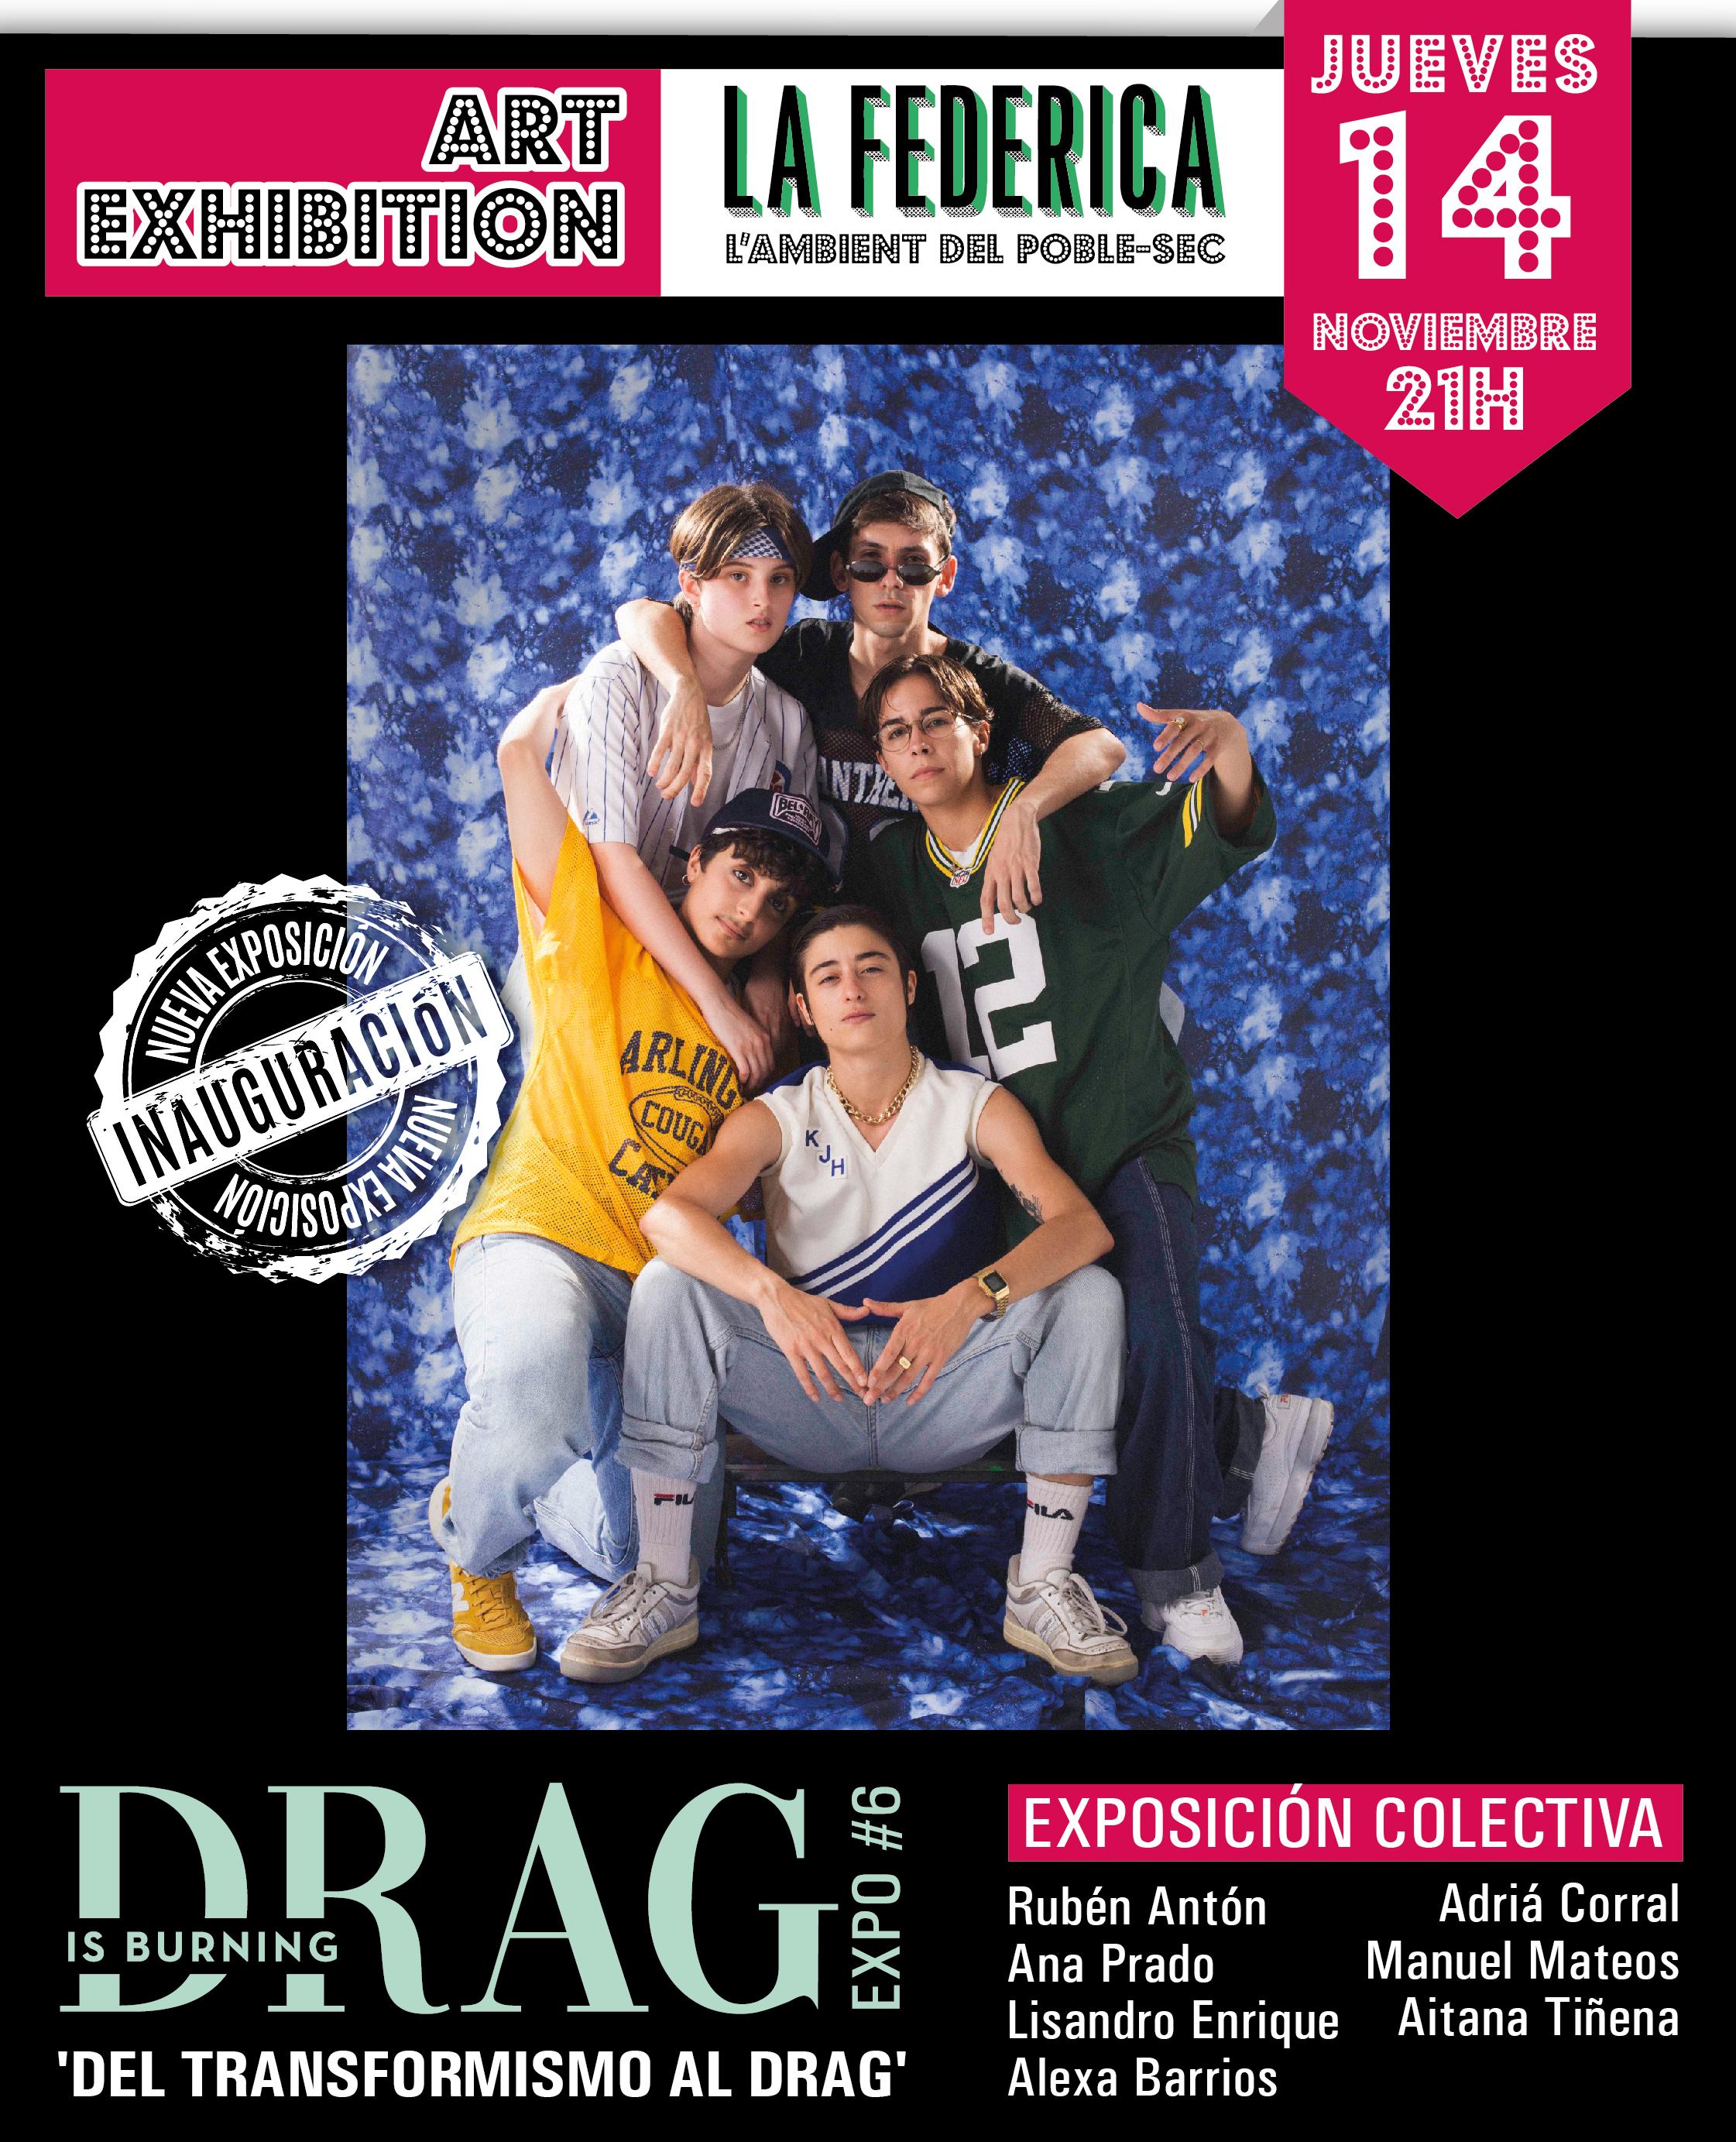 Drag is Burning Expo #6 Del Transformismo al Drag